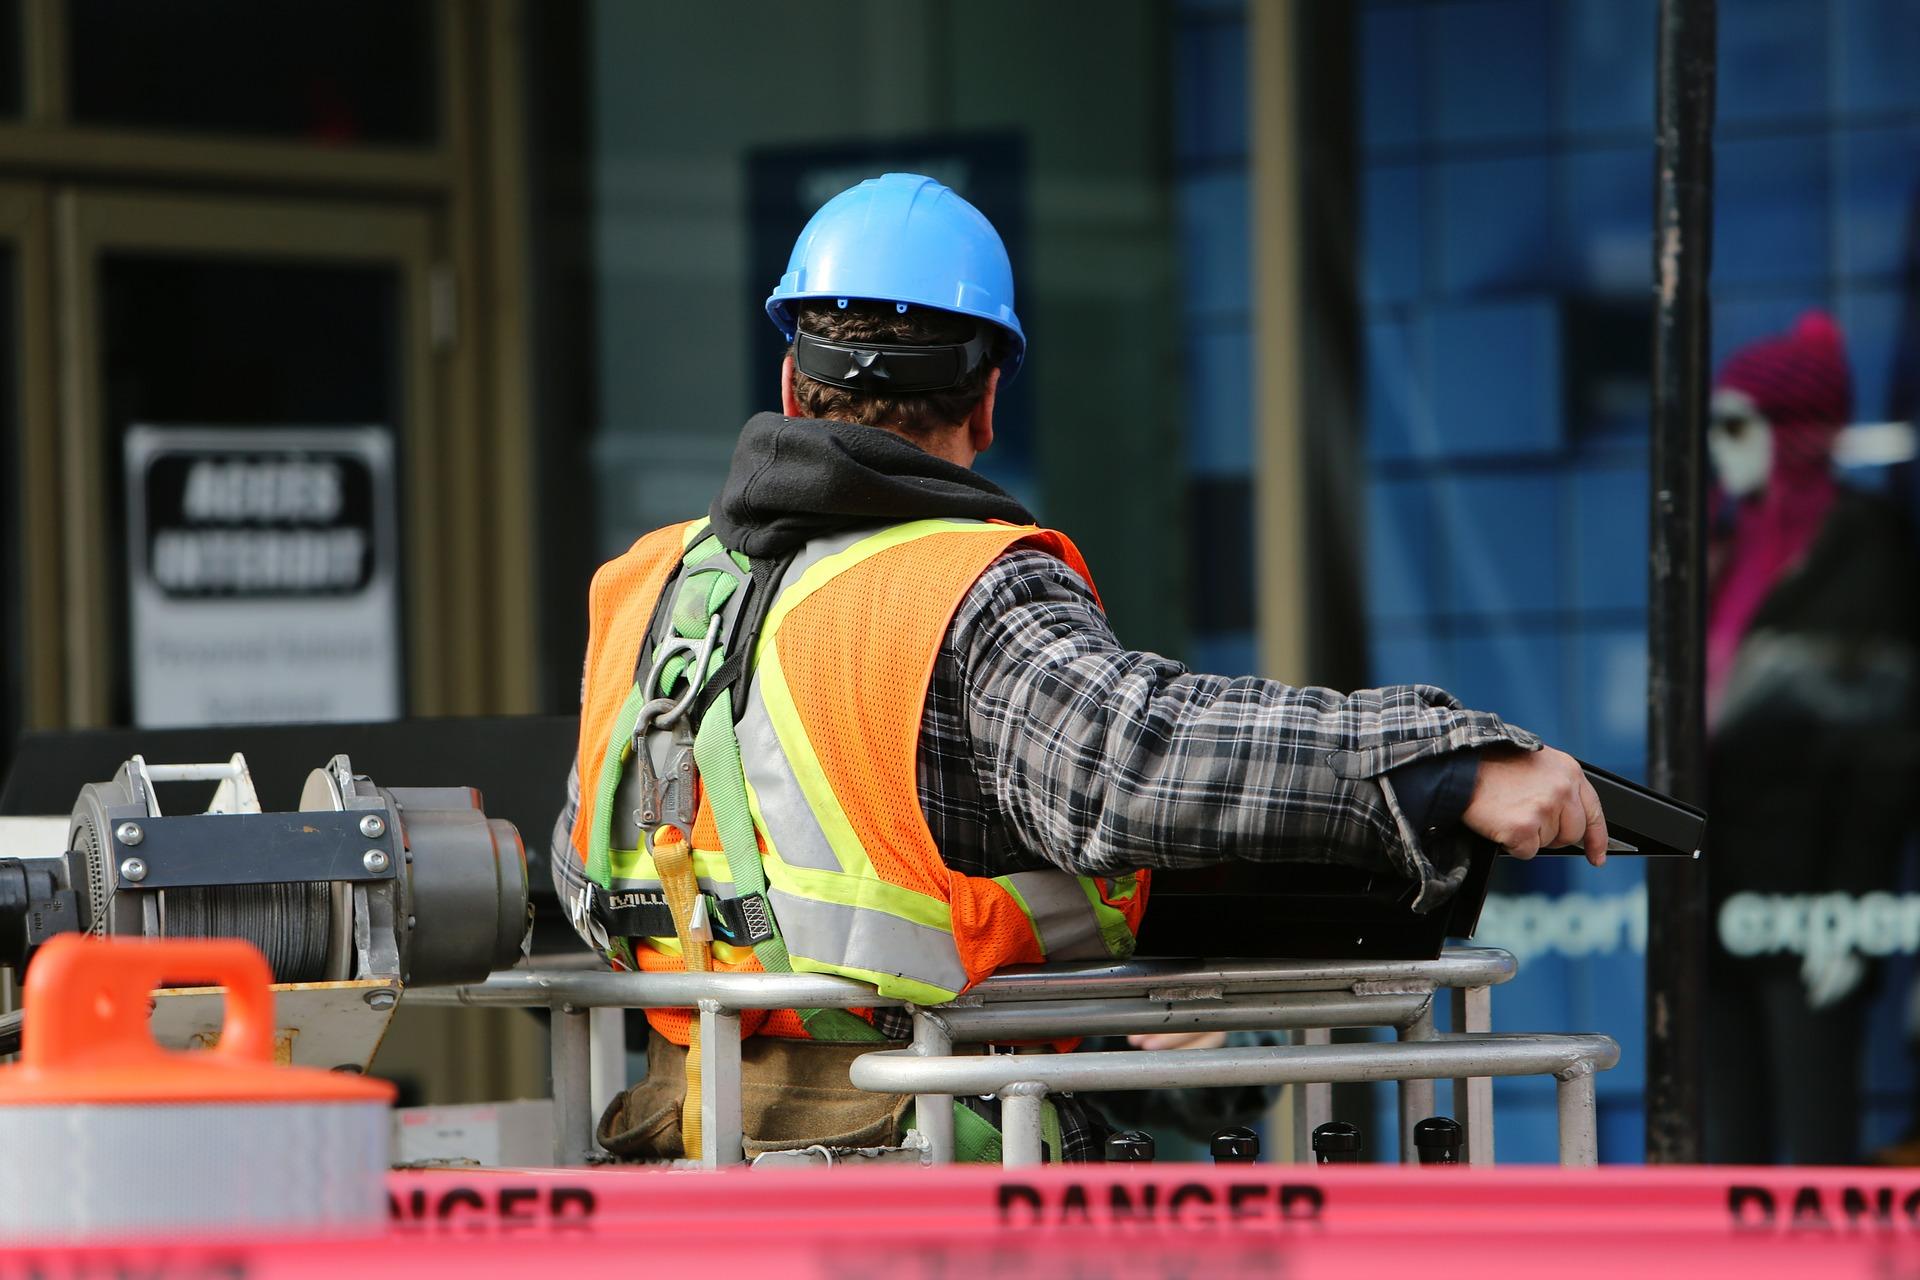 construcao-civil-inova-concreto